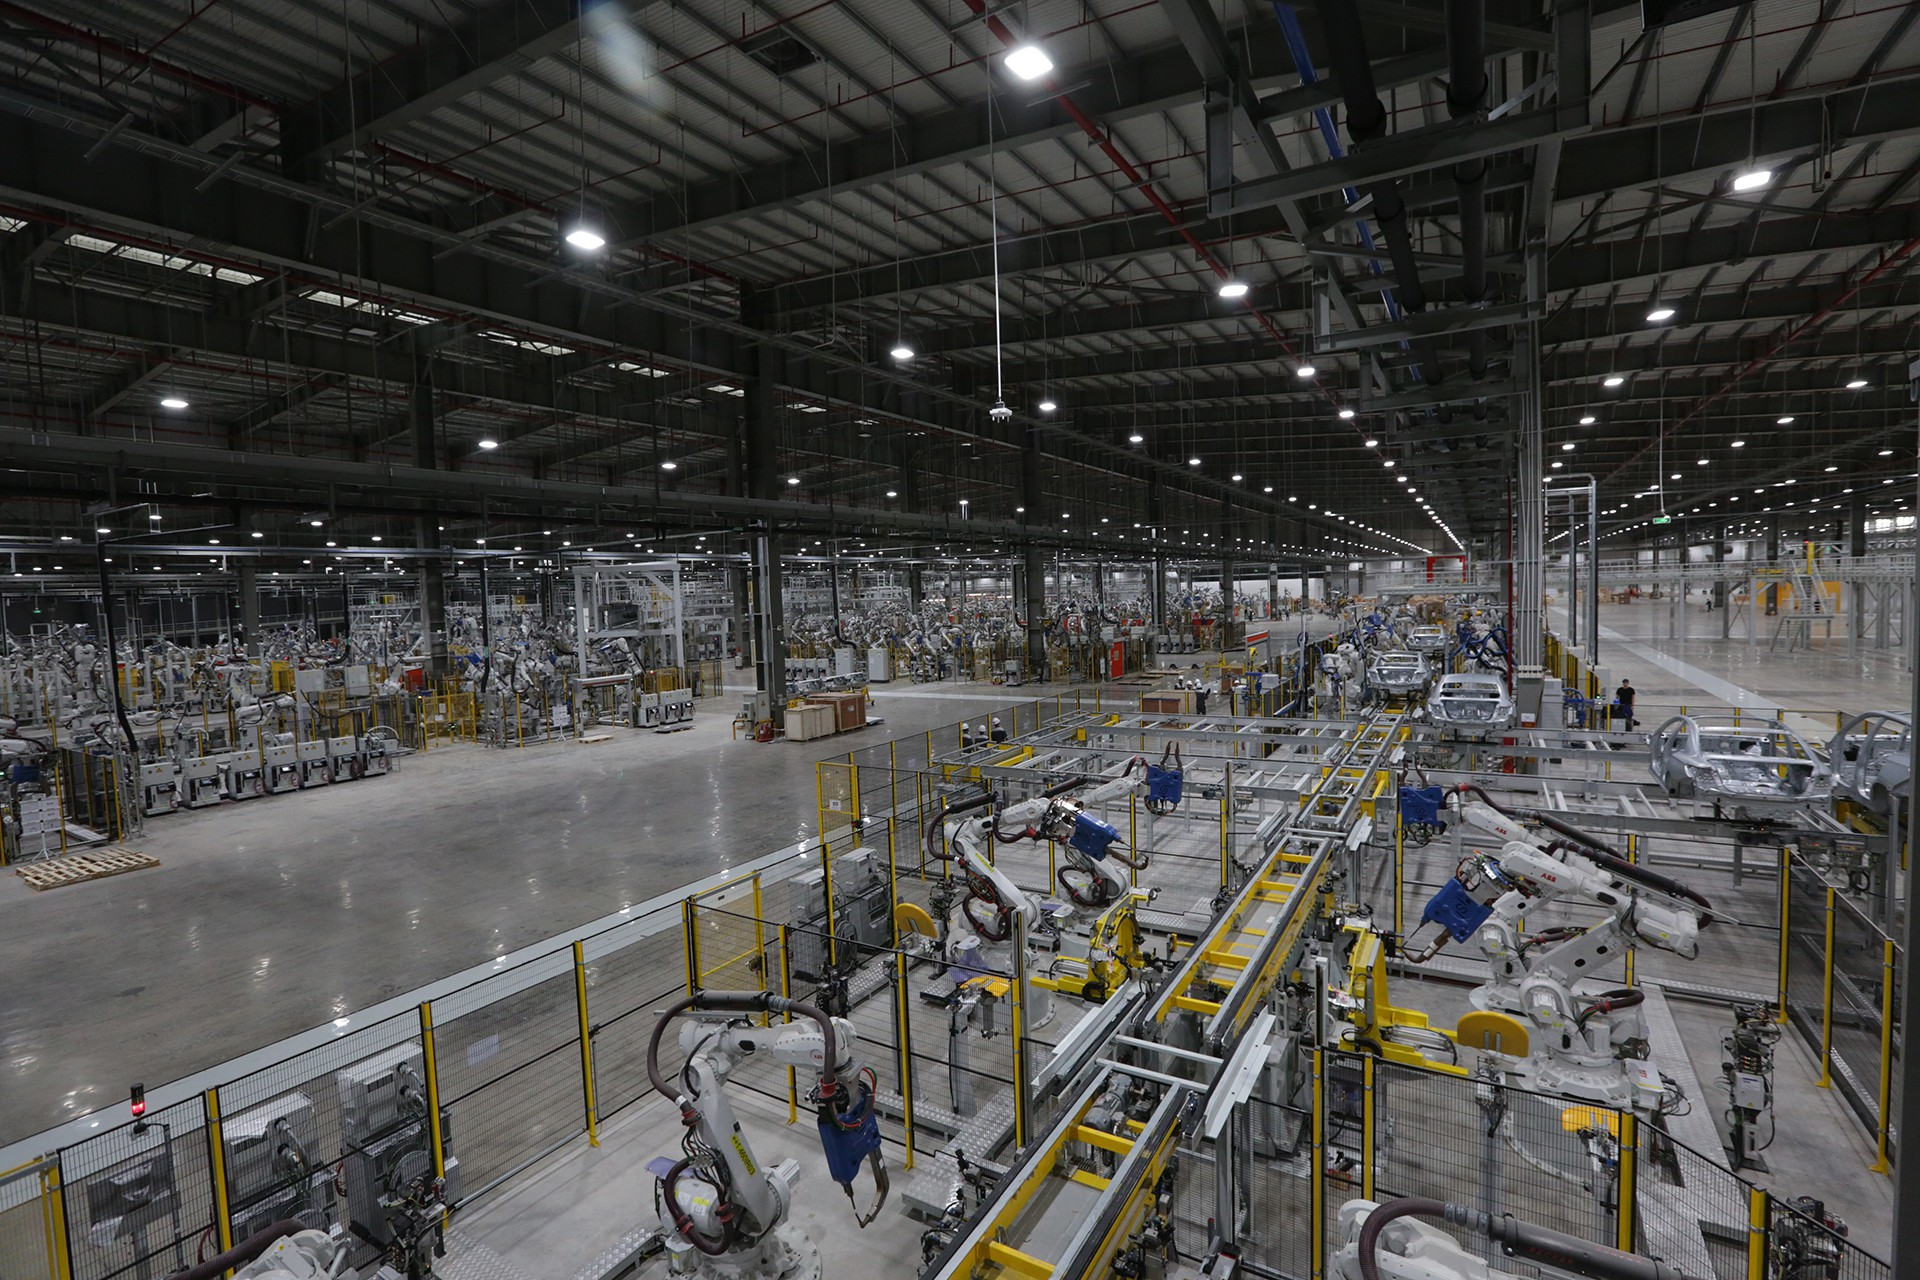 vinfast - bu8a7402 15579628919121900559316 - Hé lộ hình ảnh bên trong nhà máy sản xuất ô tô sắp khánh thành của VinFast